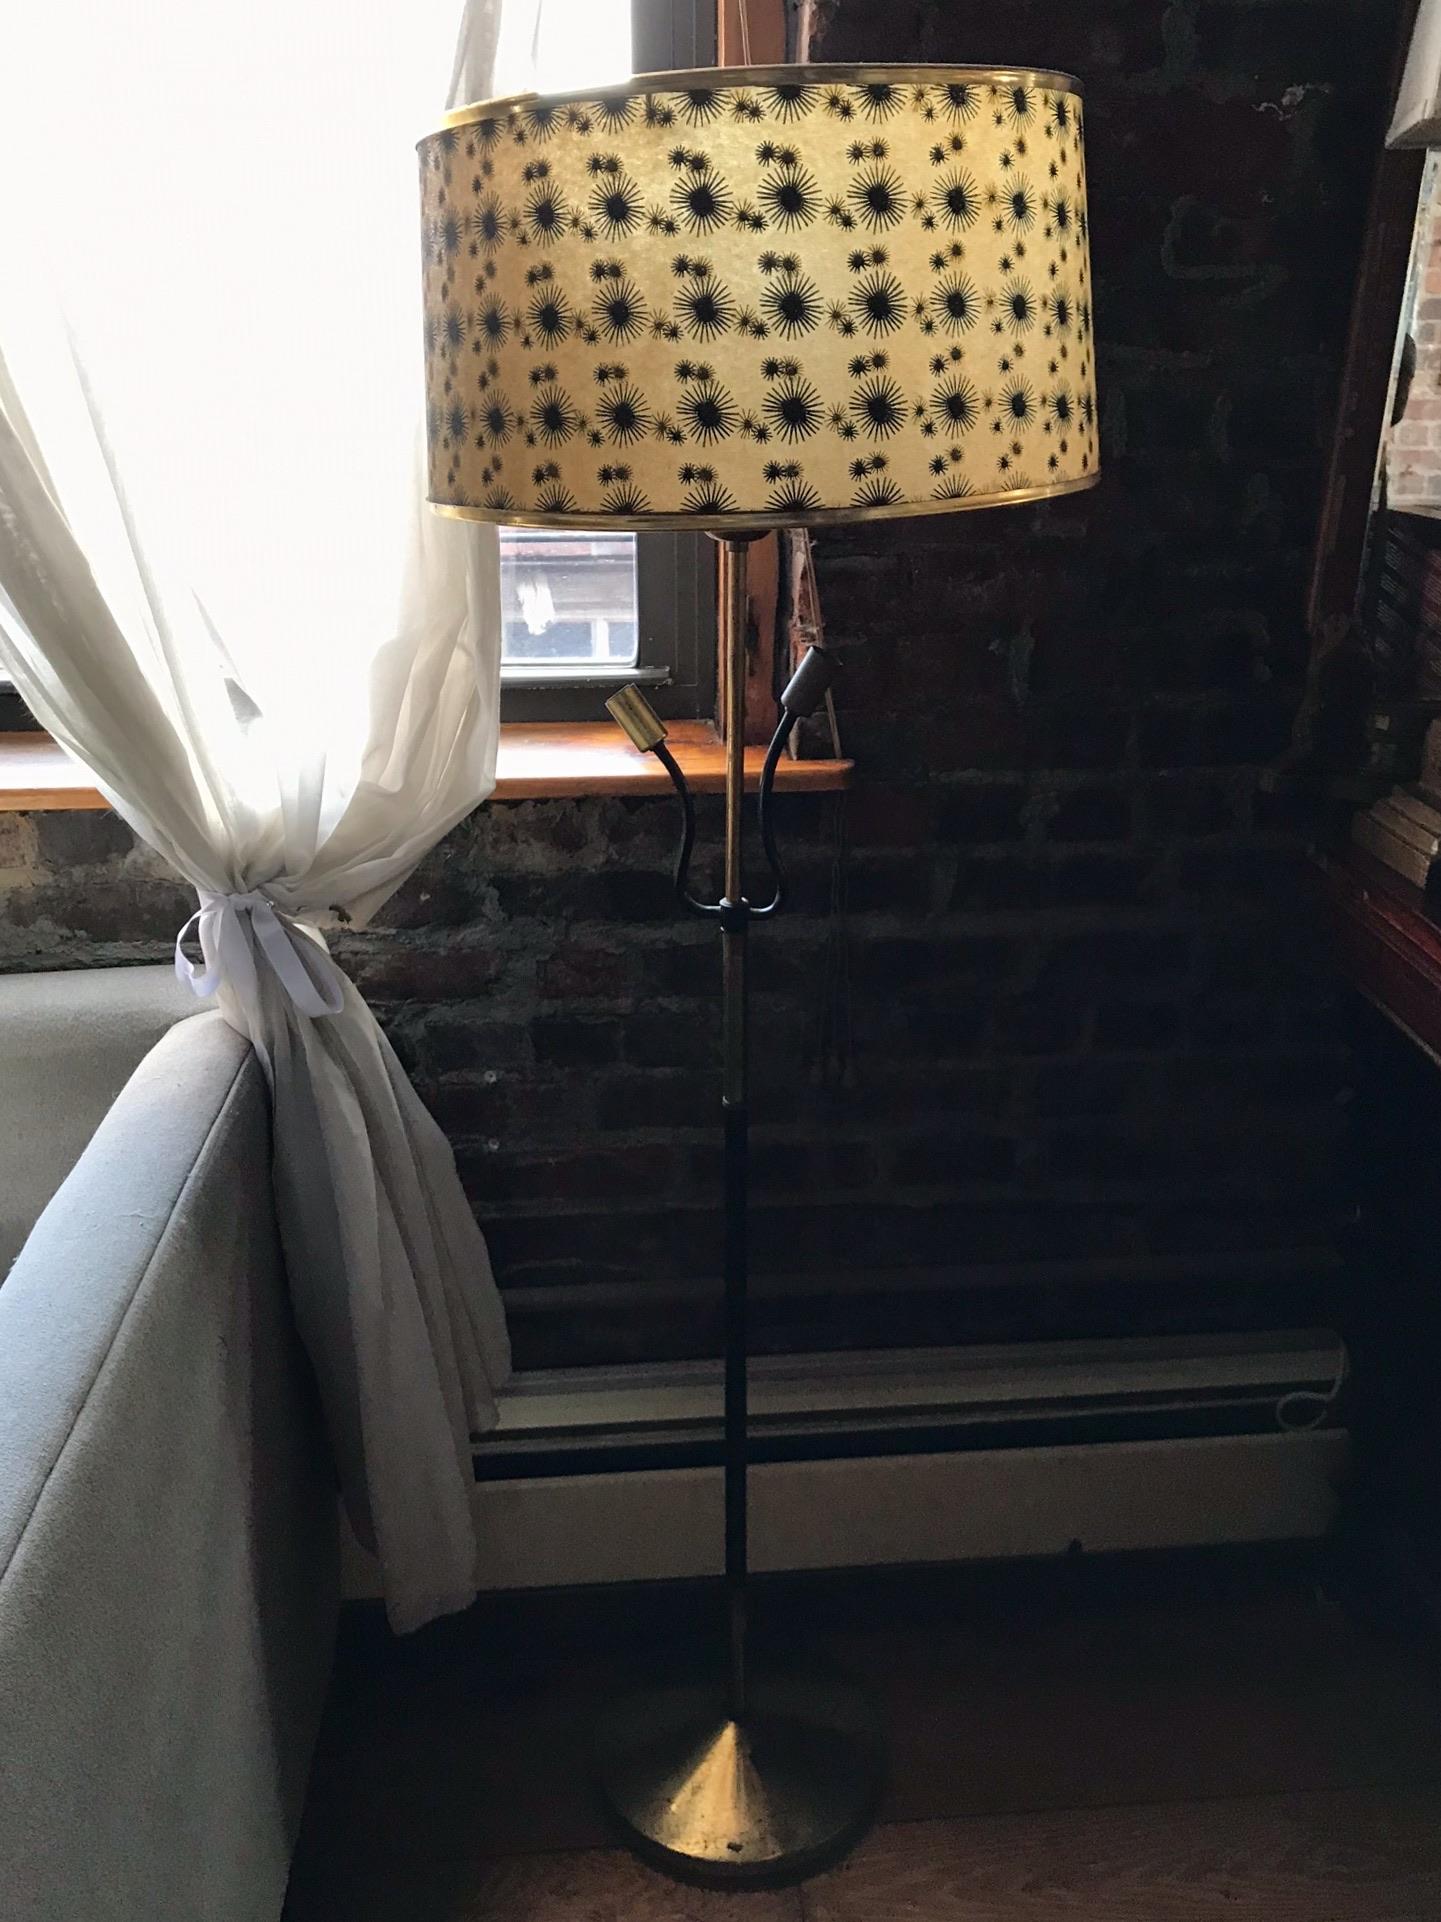 Starburst Pattern Standing Lamp $50